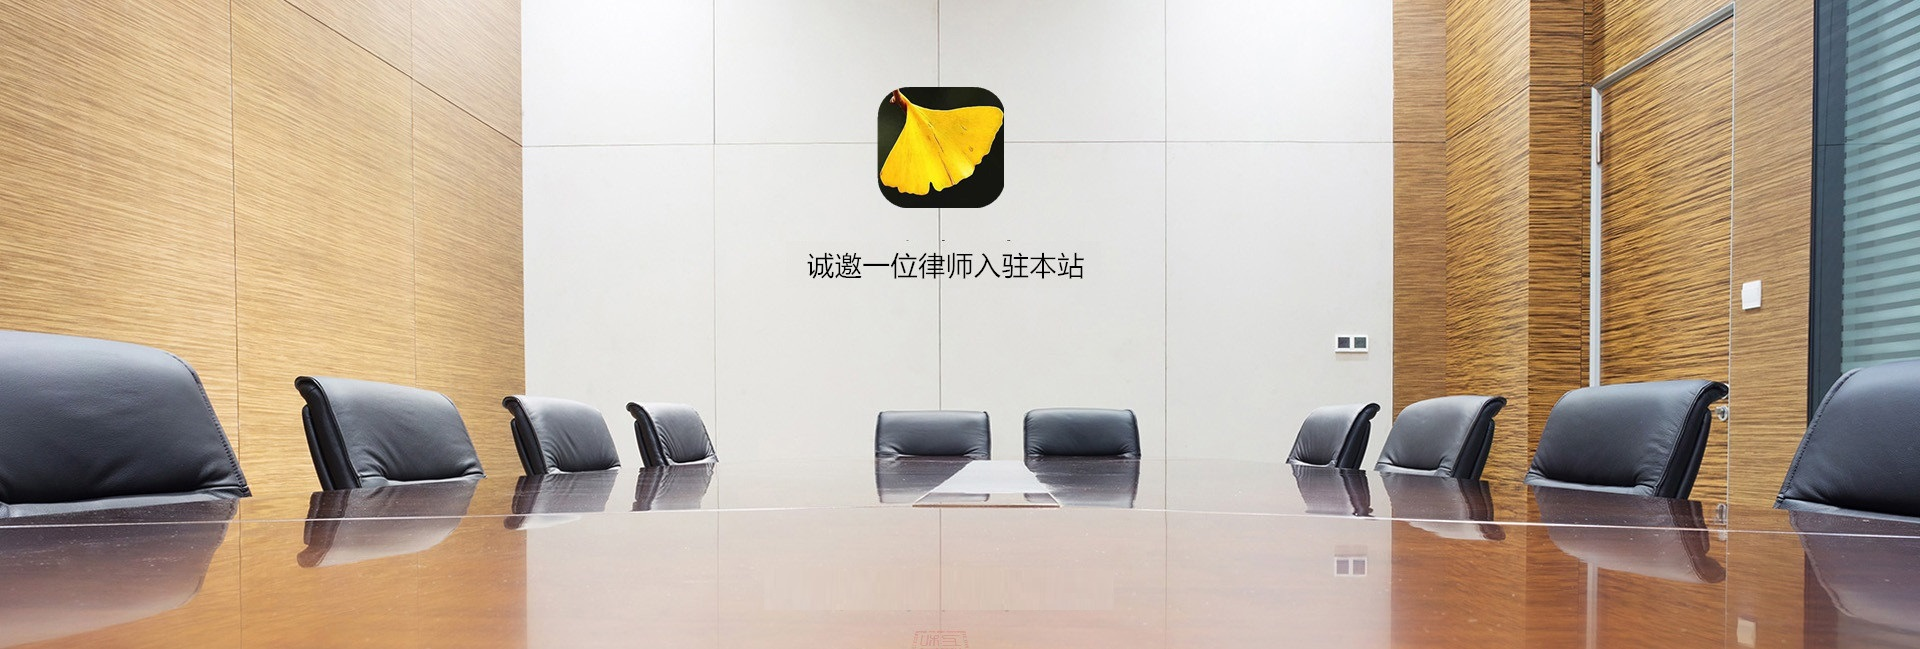 苏州刑事律师大图二